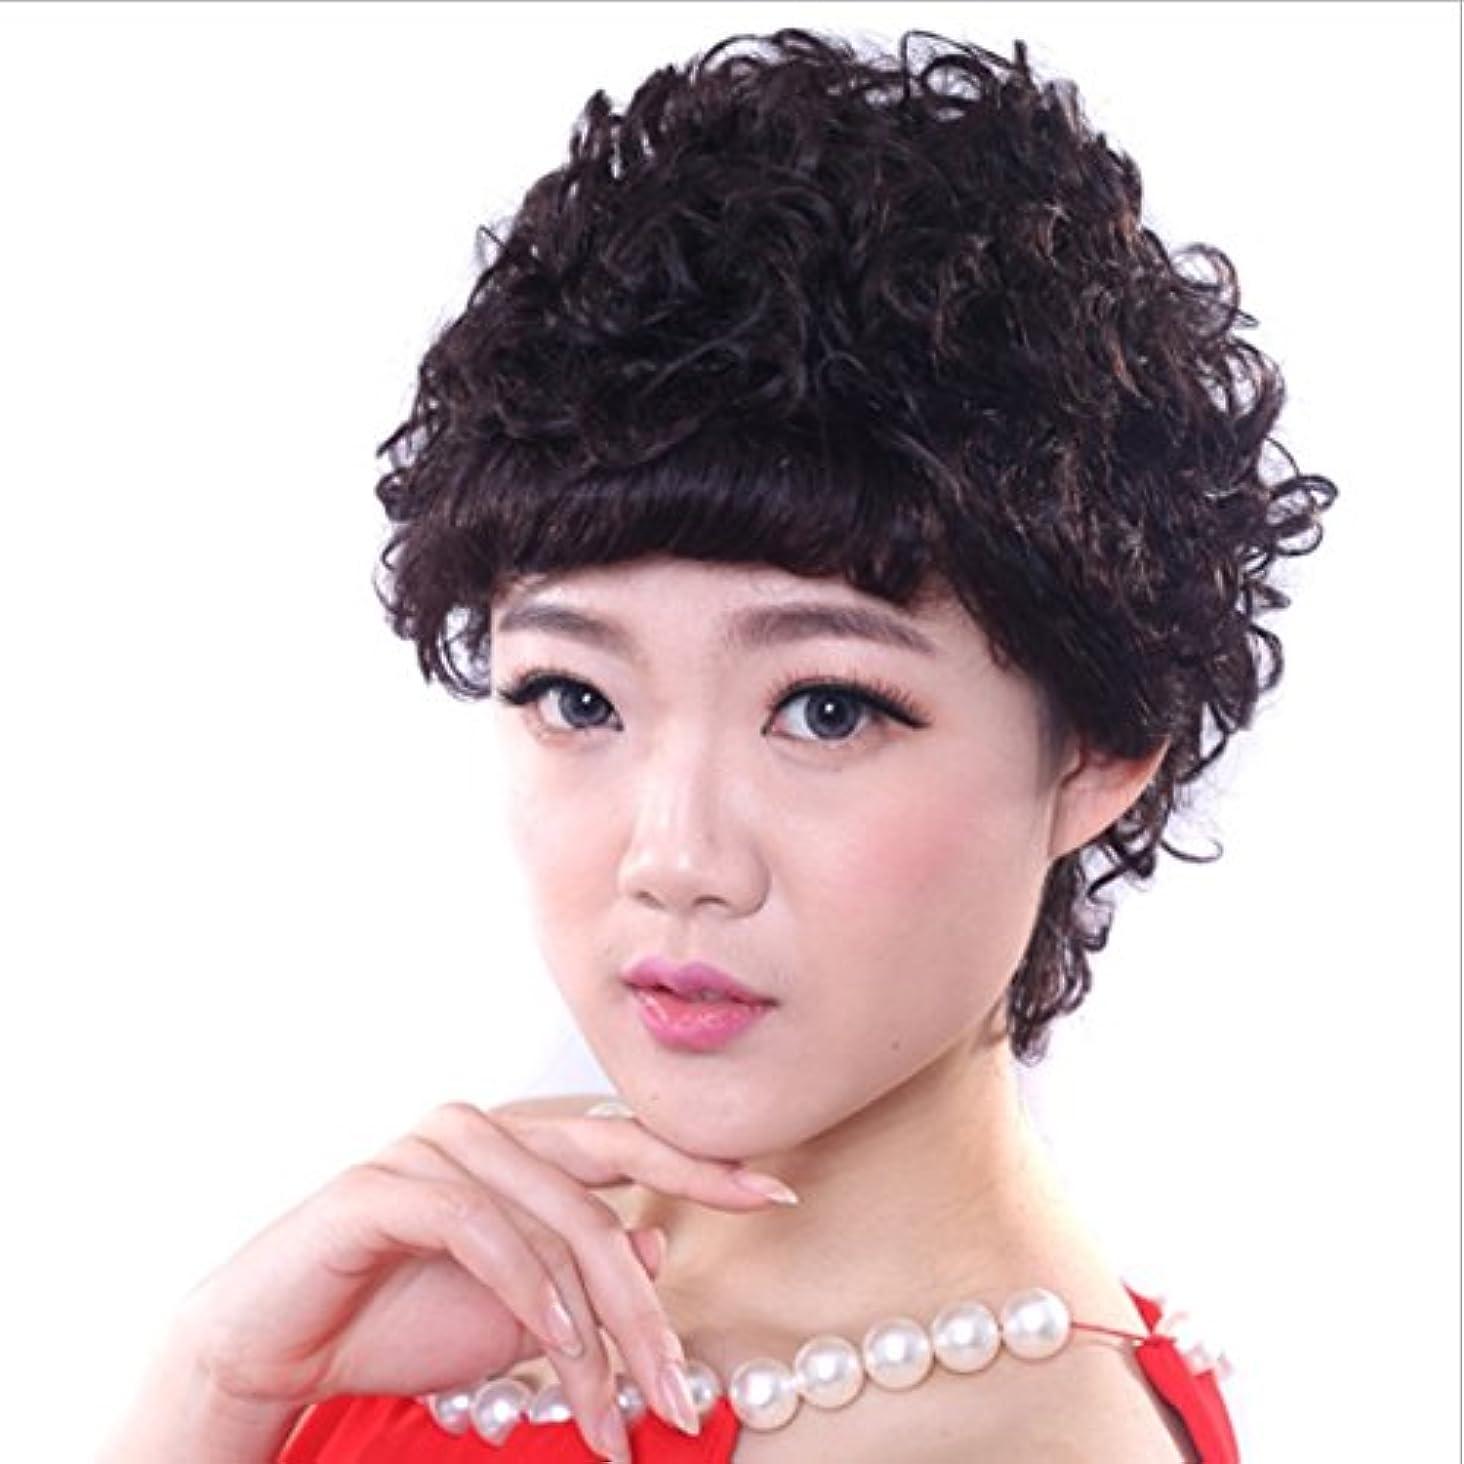 に頼る辛なそのようなYOUQIU ナチュラルブラックショートカーリーウィッグ - 傾斜中年のために前髪合成デイリーウィッグと古い女性自然な実髪(ブラック)かつらと春巻きウィッグ (色 : 黒)